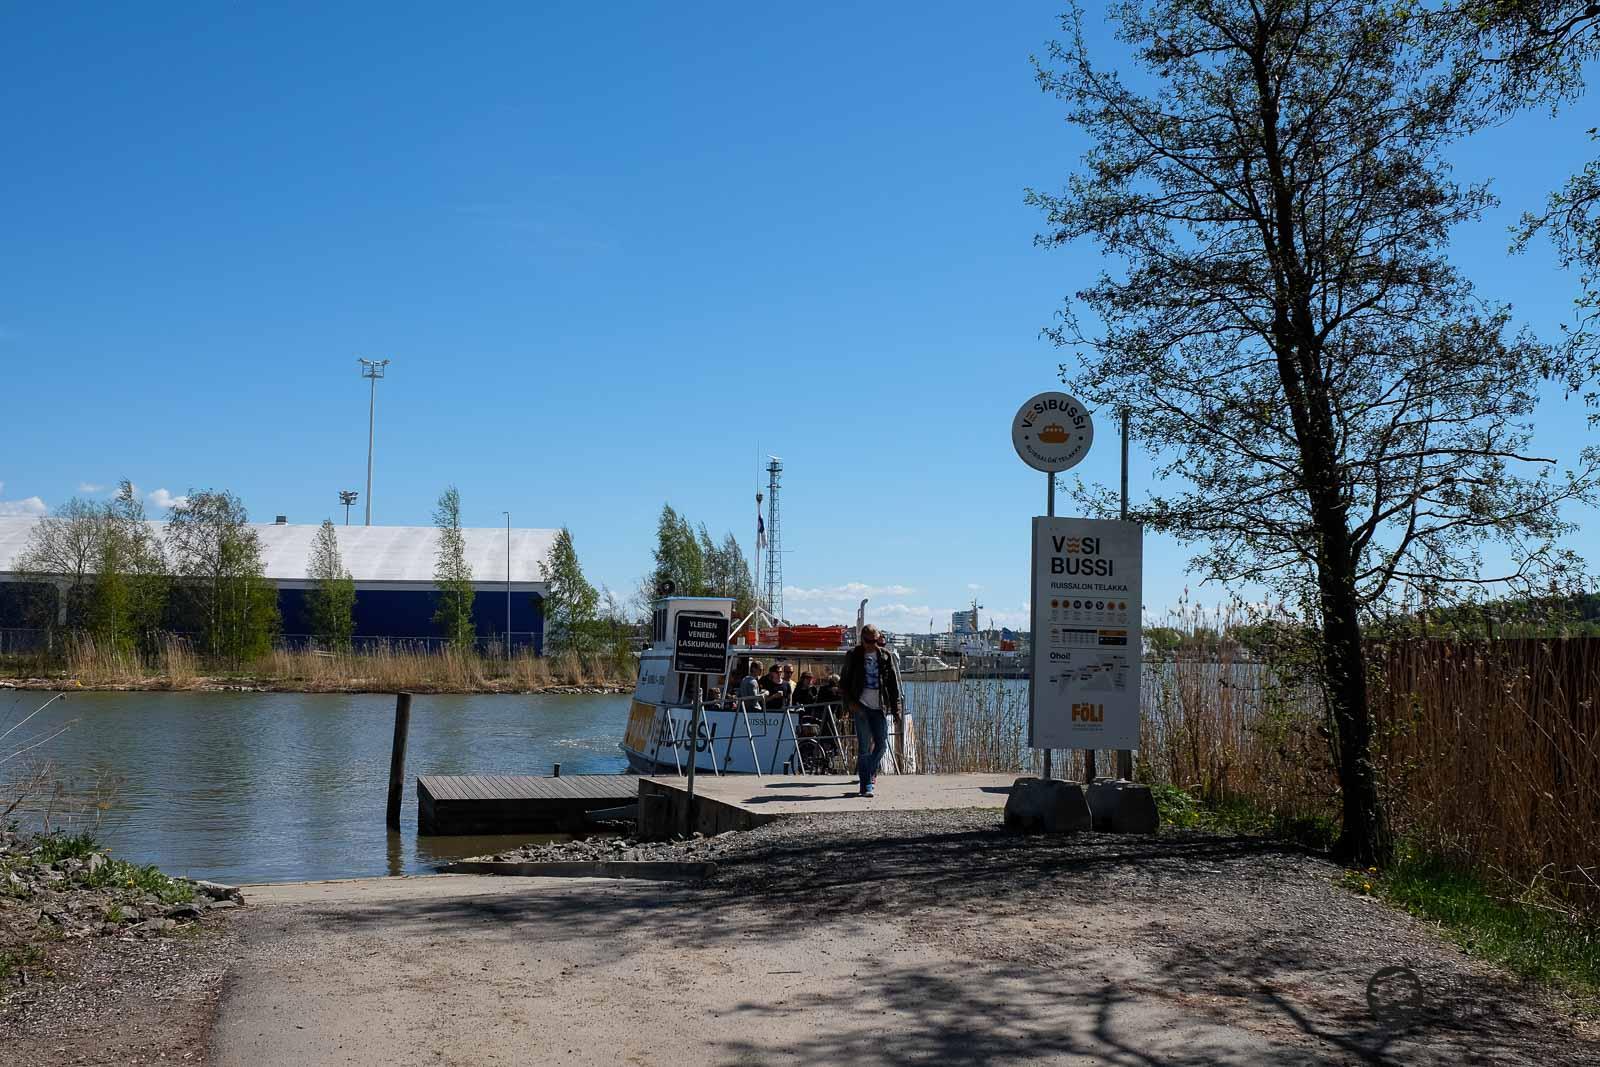 Anlegestelle (Ruissalon Telakka) des Föli Water Bus